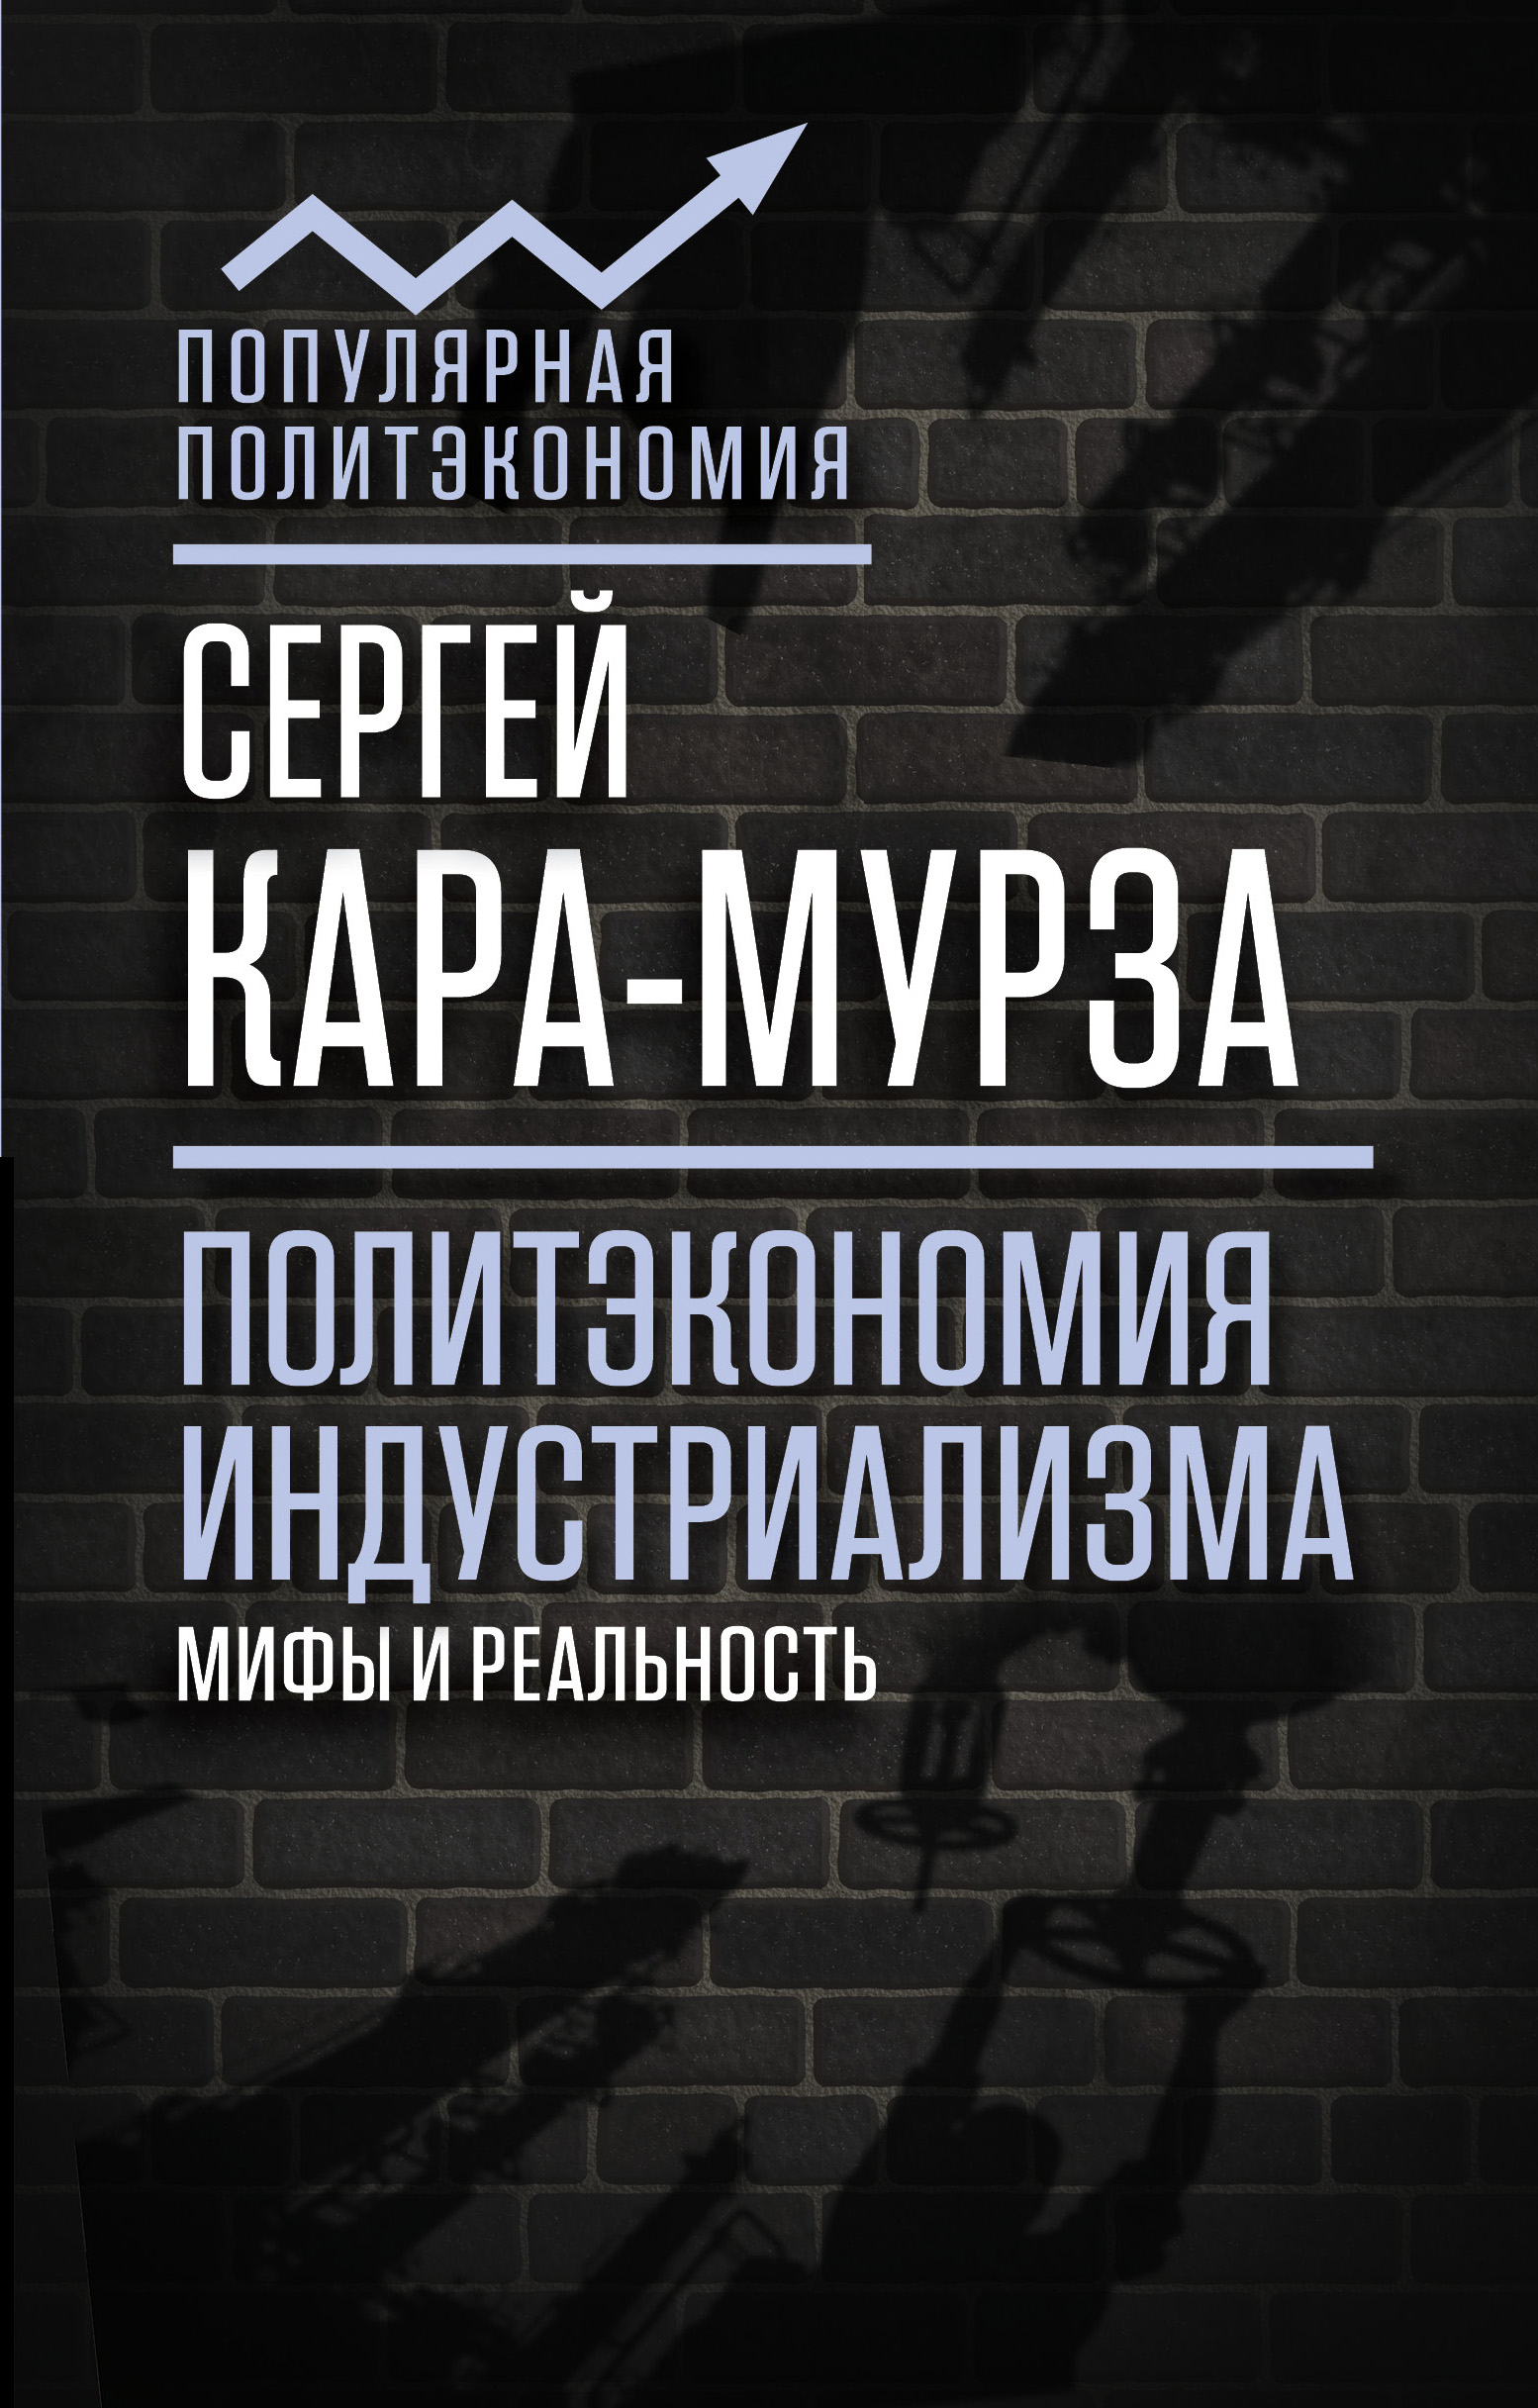 politekonomiya industrializma mify i realnost